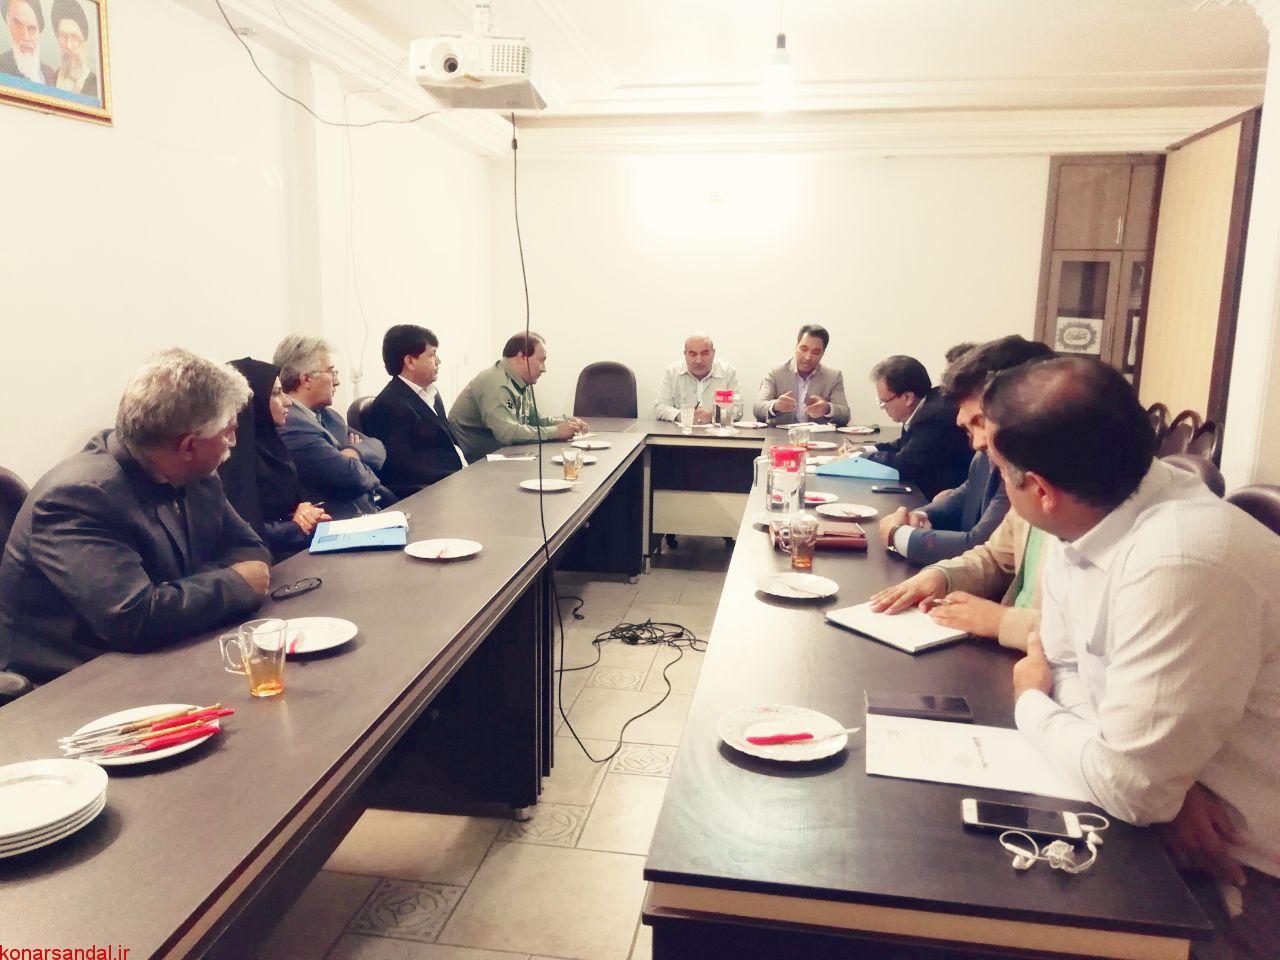 بررسی احداث ۴ طرح بزرگ صنعتی و معدنی در جنوب کرمان